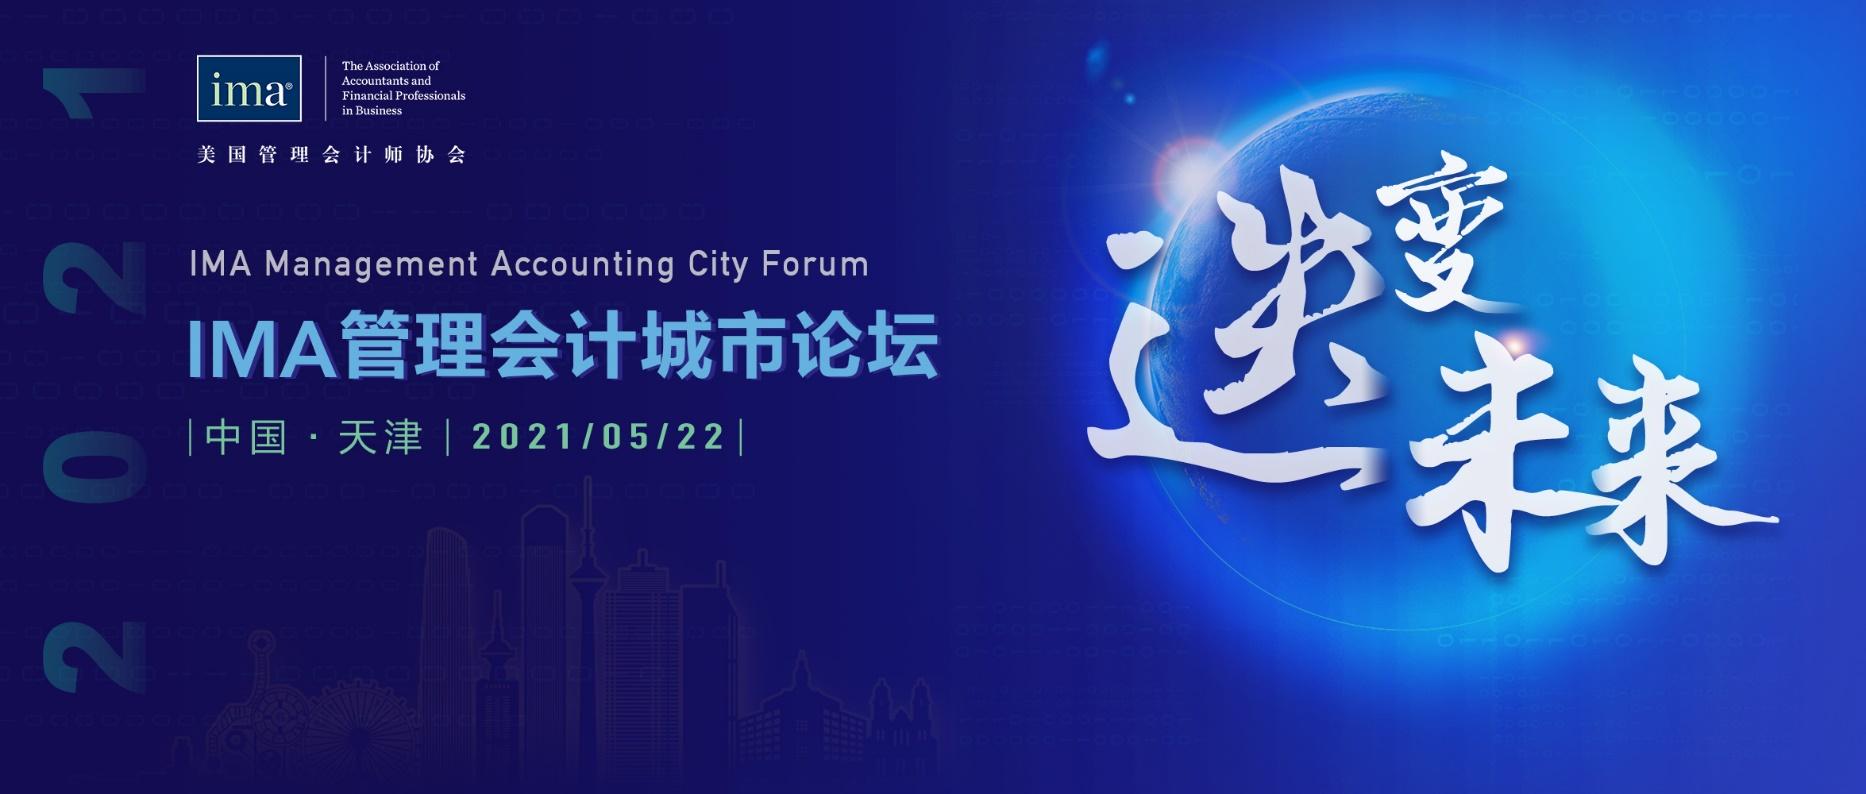 """关于举办""""IMA管理会计城市论坛·天津站"""" 活动的通知"""